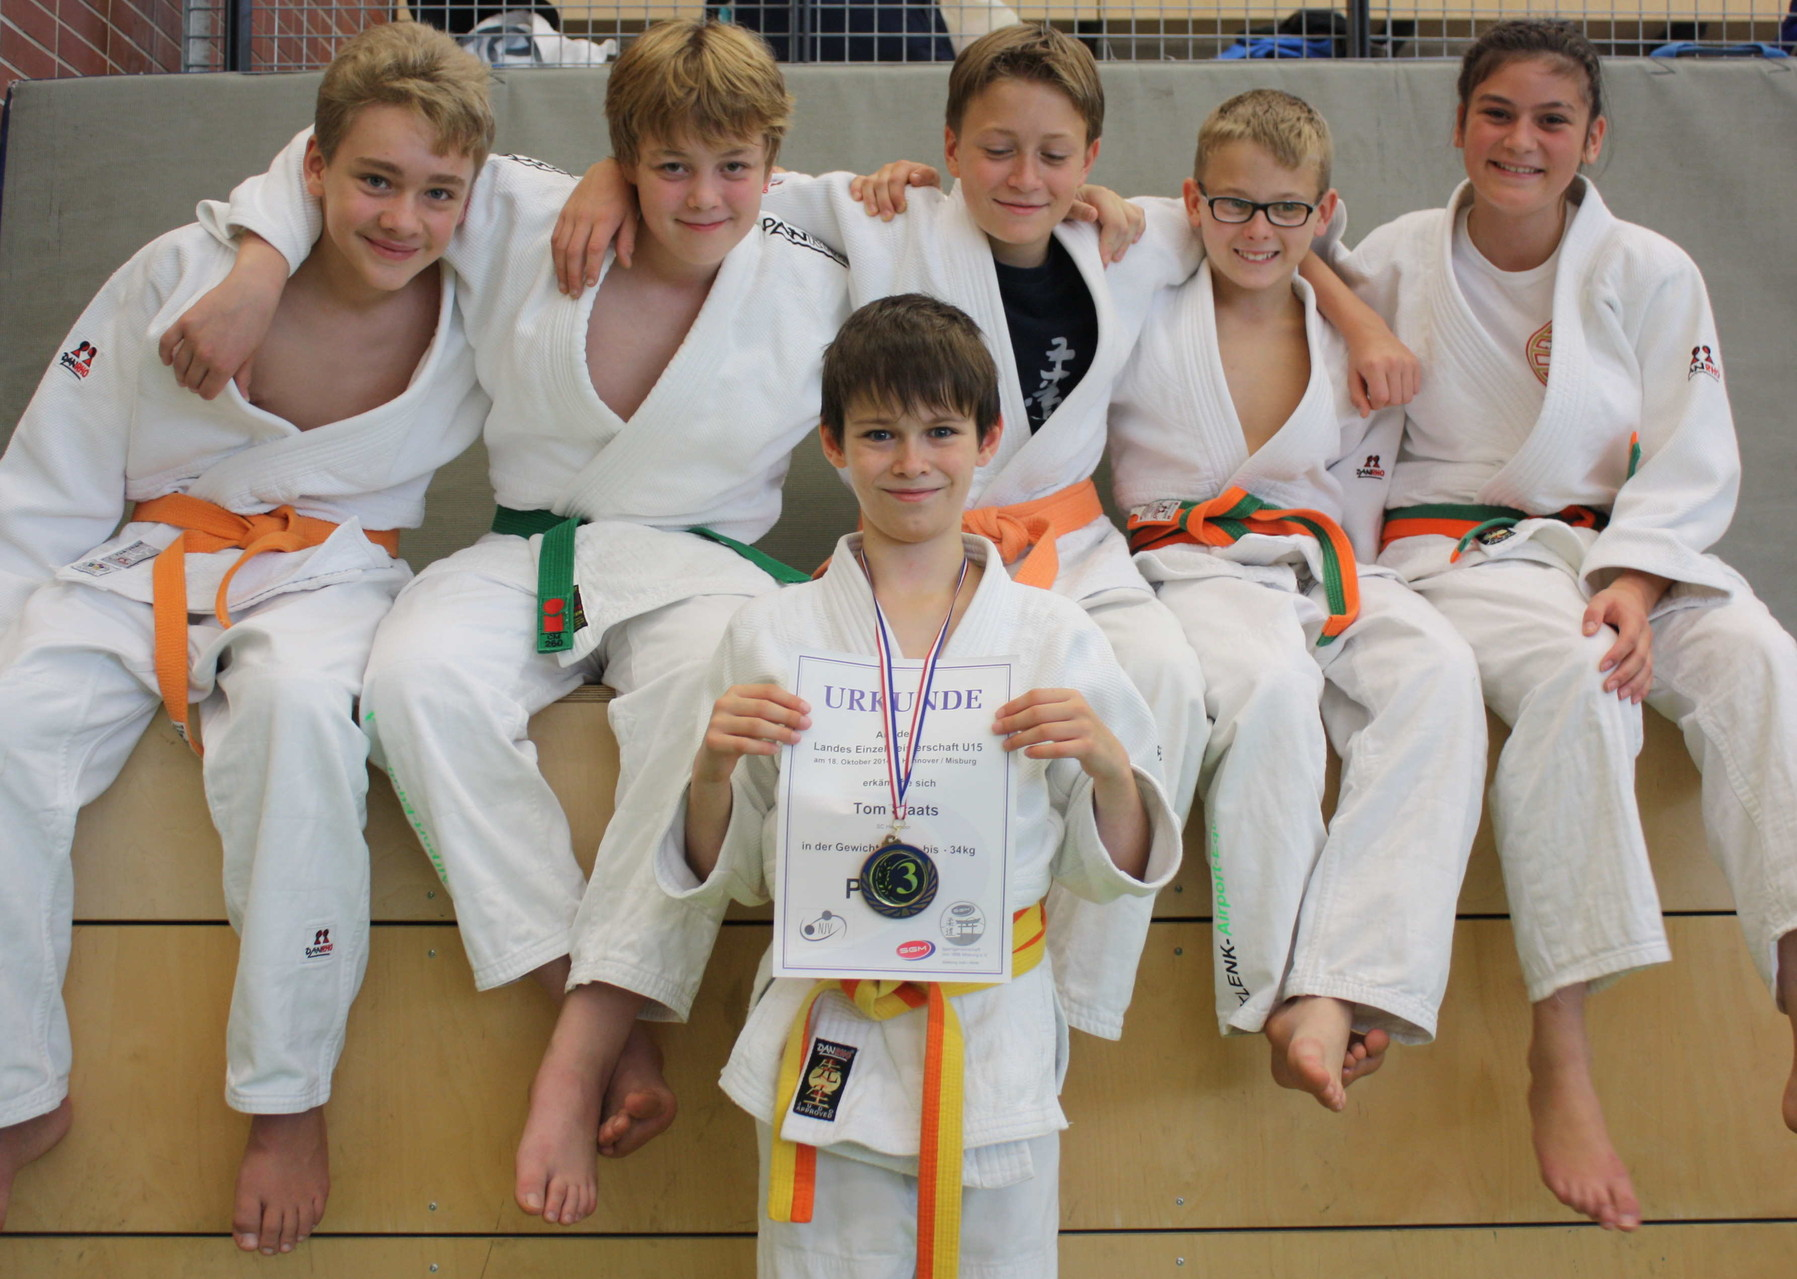 Tom Staats mit Medaille und die Vereinskameraden von li. Ole Surkus, Vincent Förster, Kolja Pätzold, Daniel Gardt und Tessa Dobrocky.